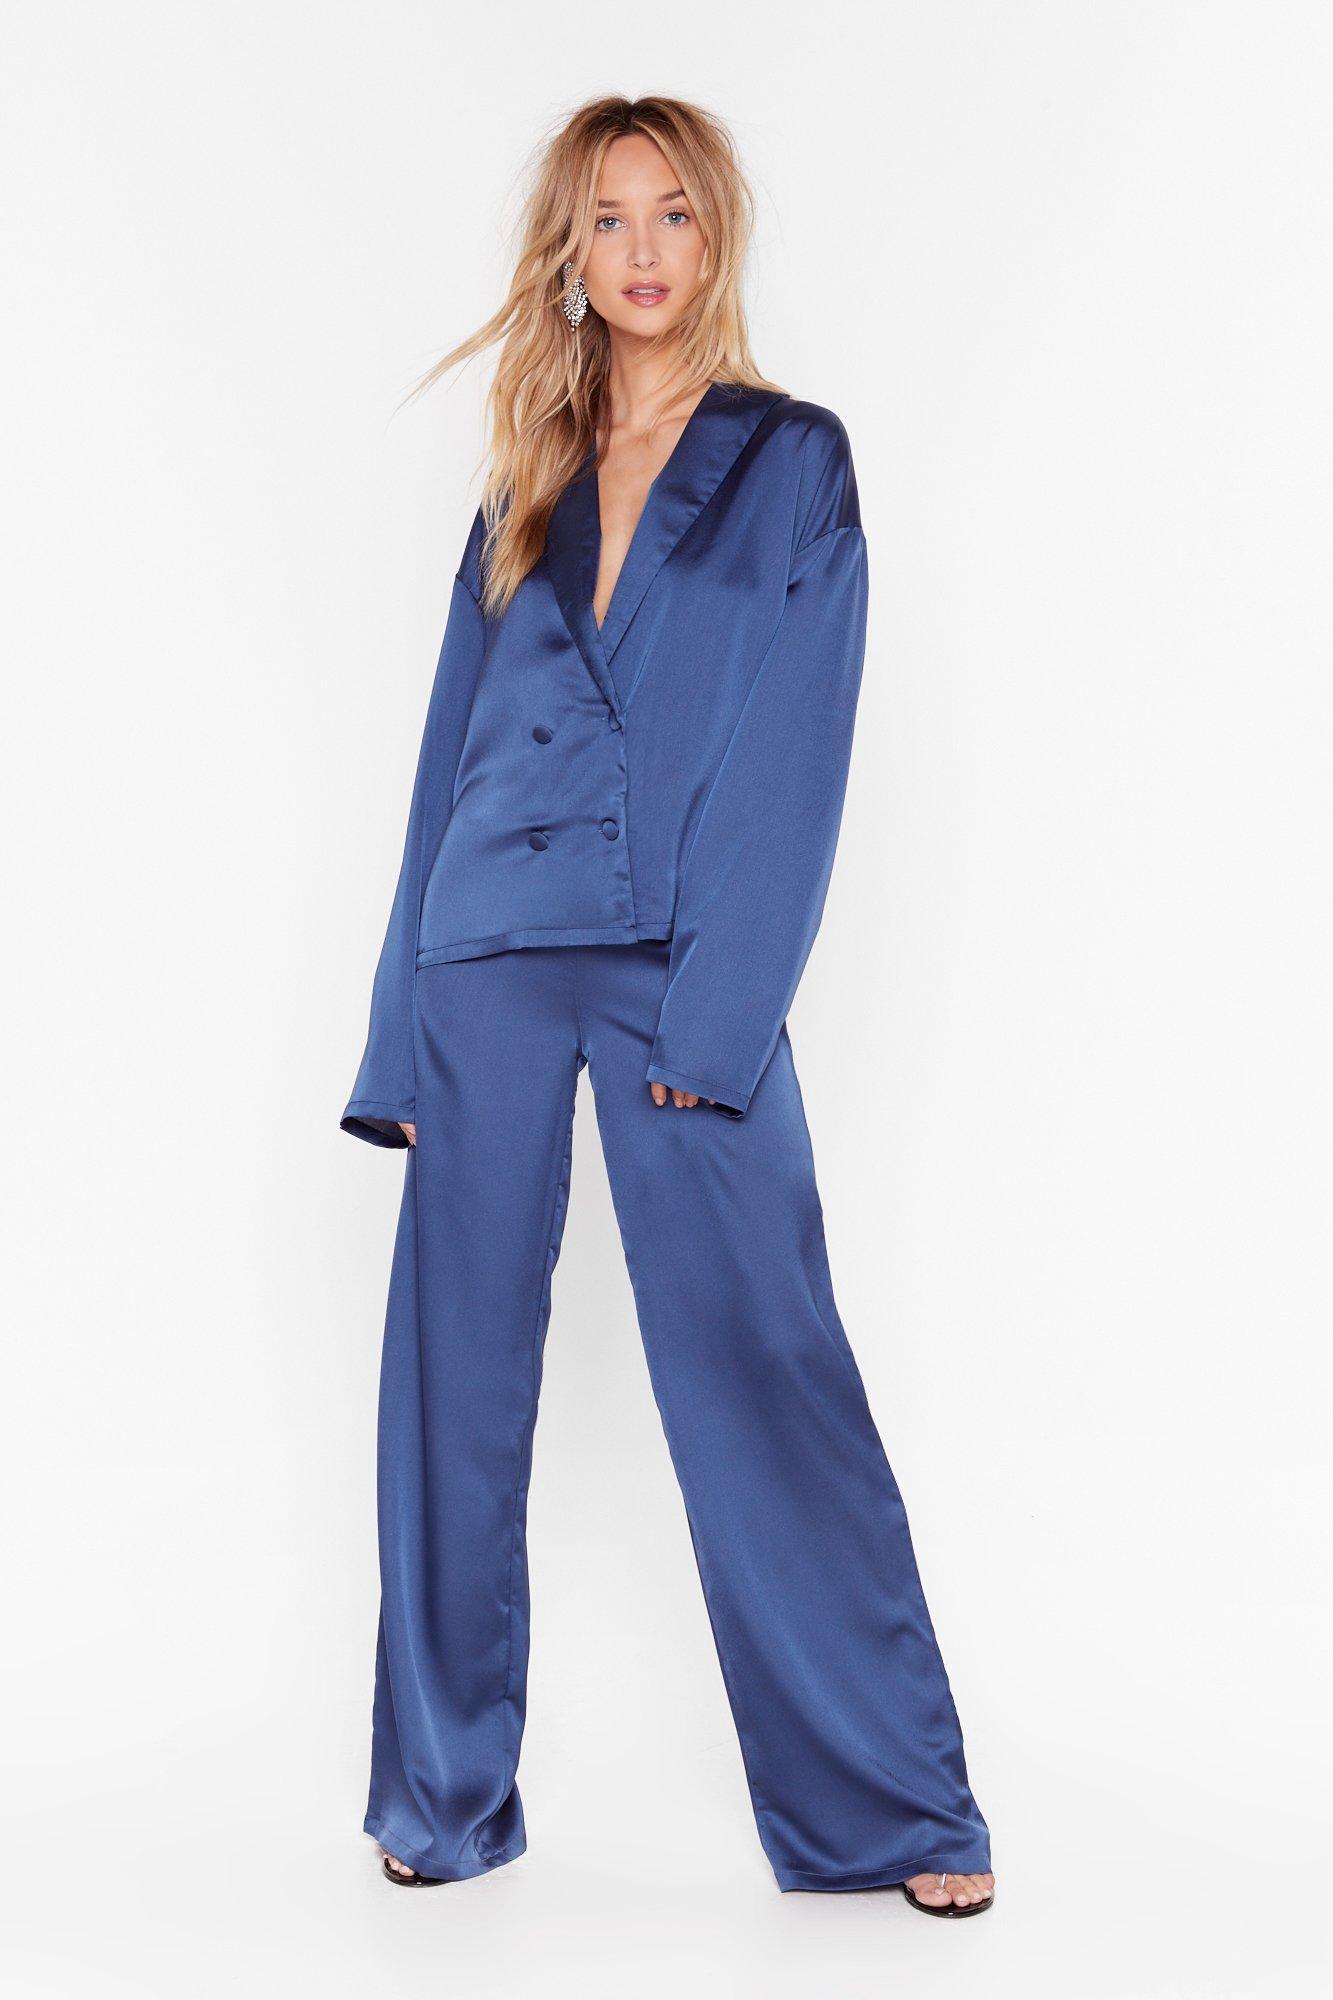 Image of Sleeks for Itself Satin Wide-Leg Pants